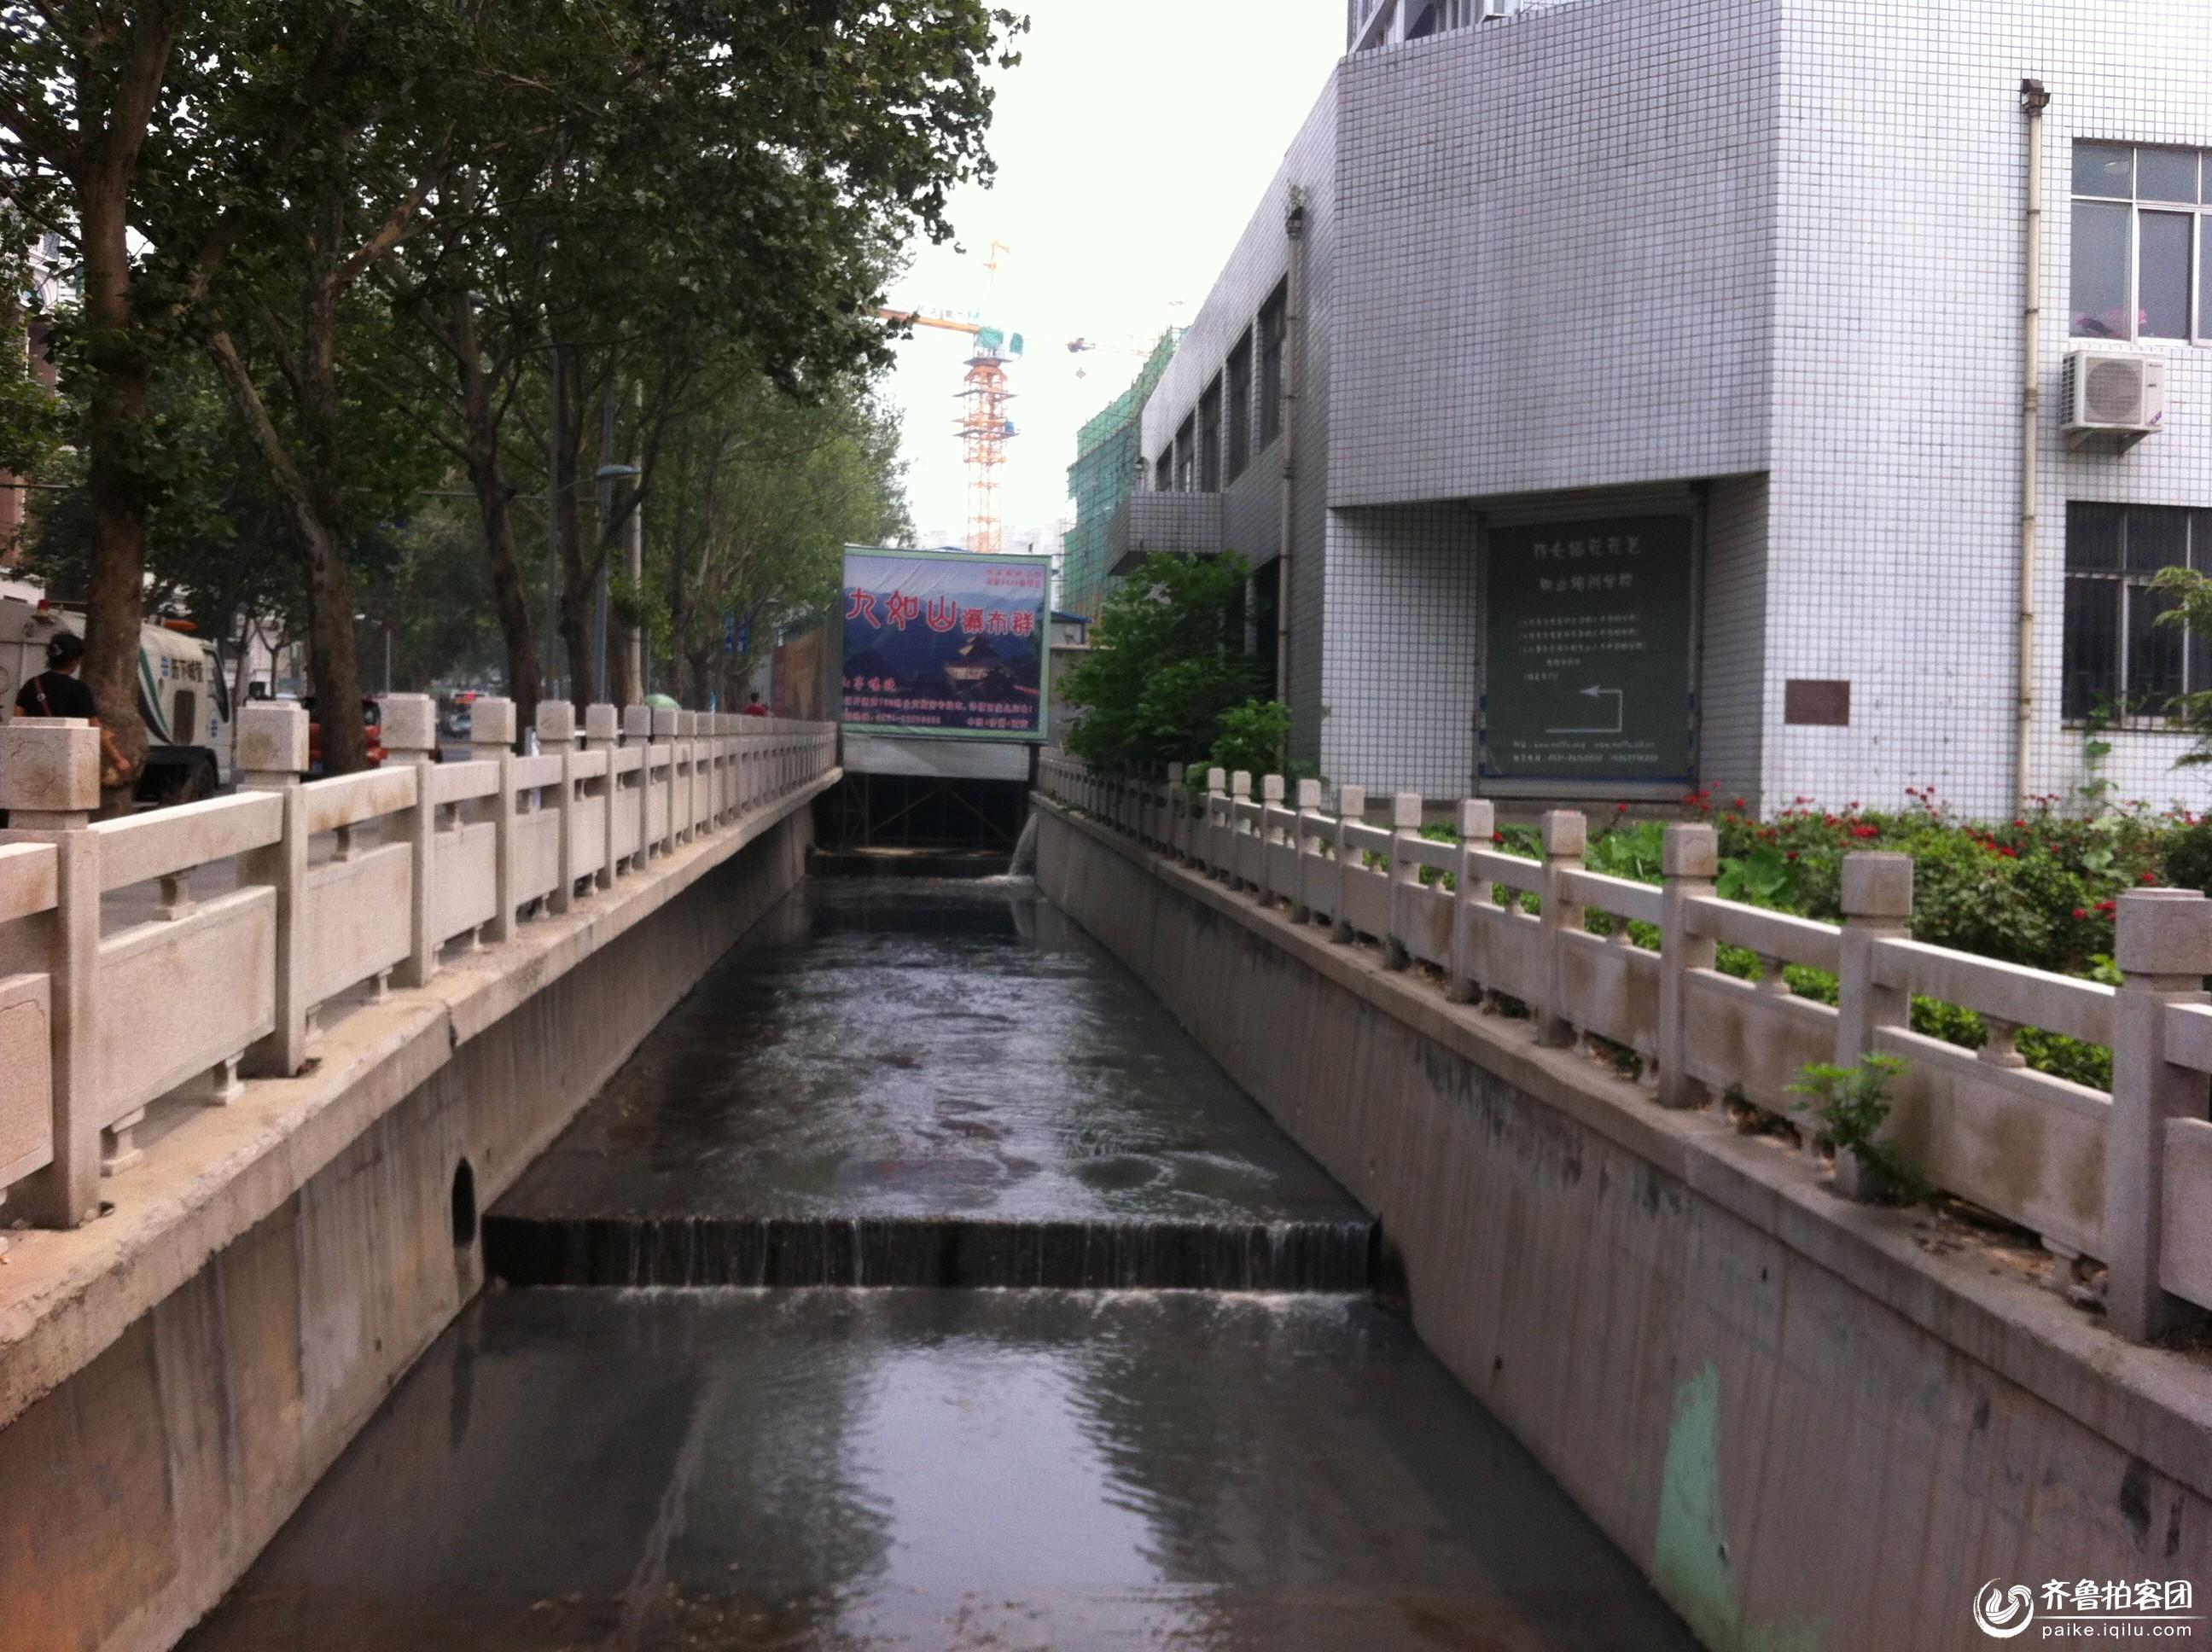 山大千佛山校区文化西路处 惊现砸桥排污口 污水臭气熏天图片